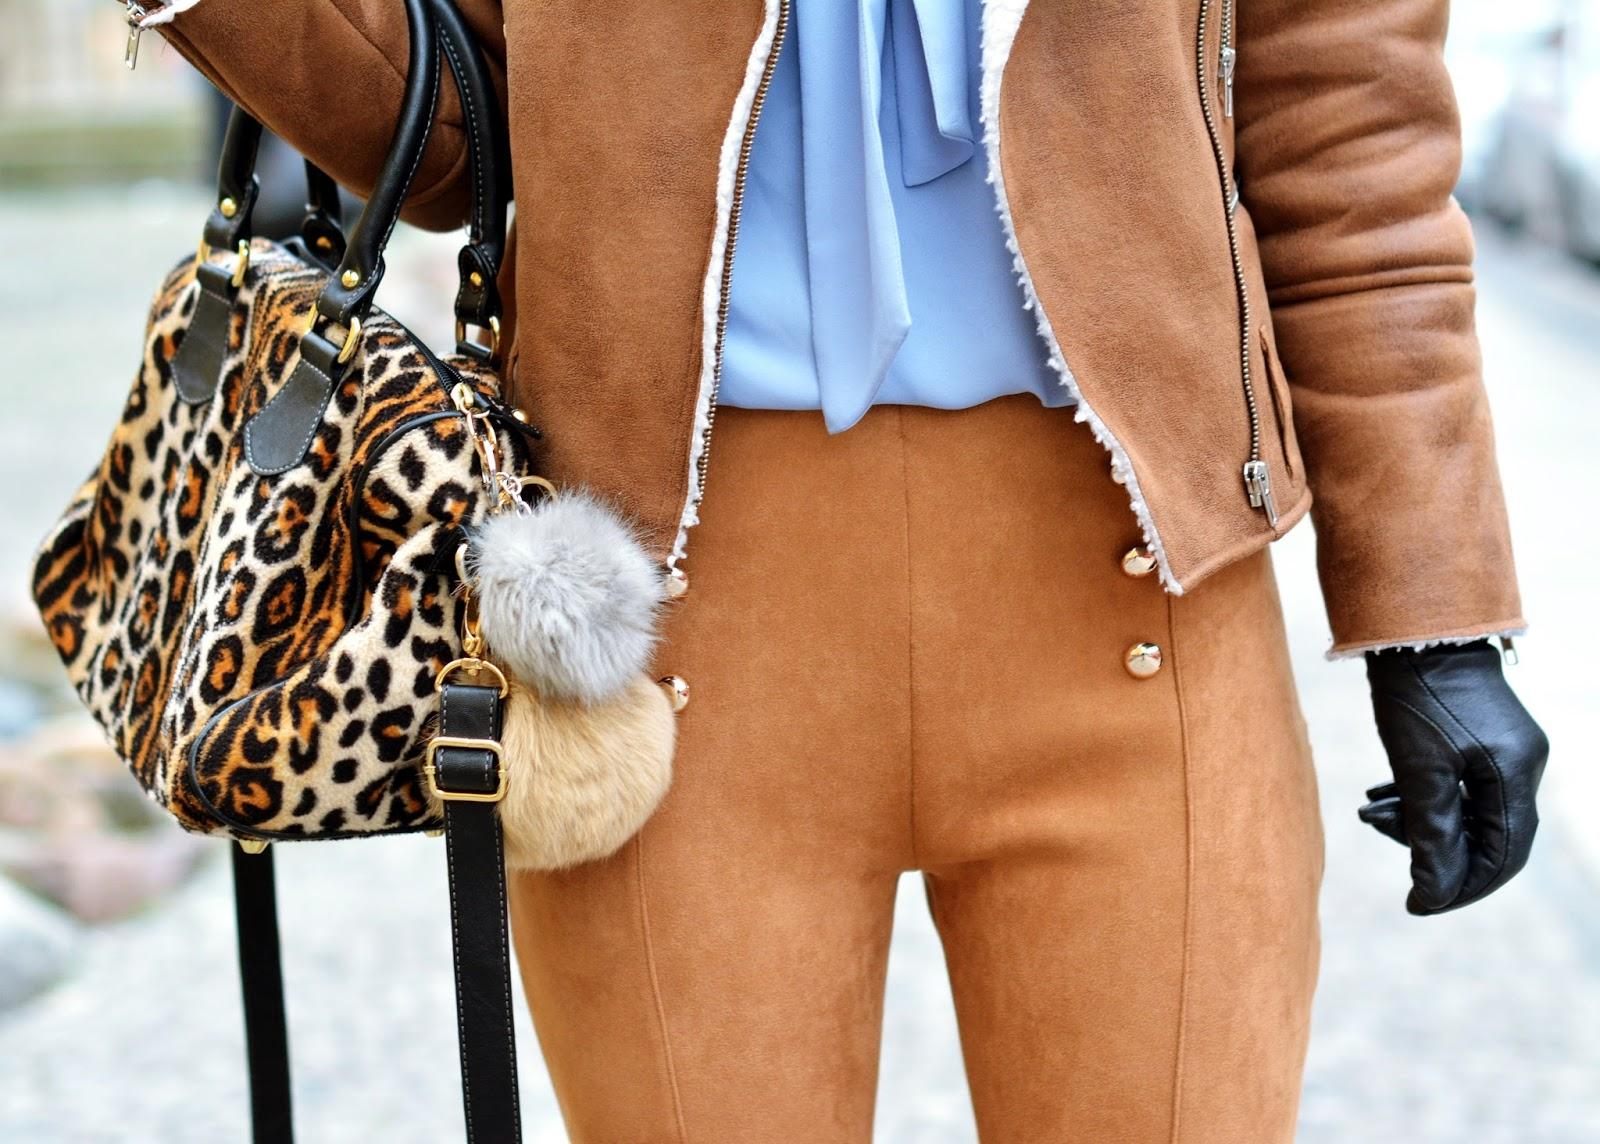 karmel, zamszowy, brąz, stylizacja, look, poznań, blog, blogger, zamszowe, spodnie, kurtka, buty